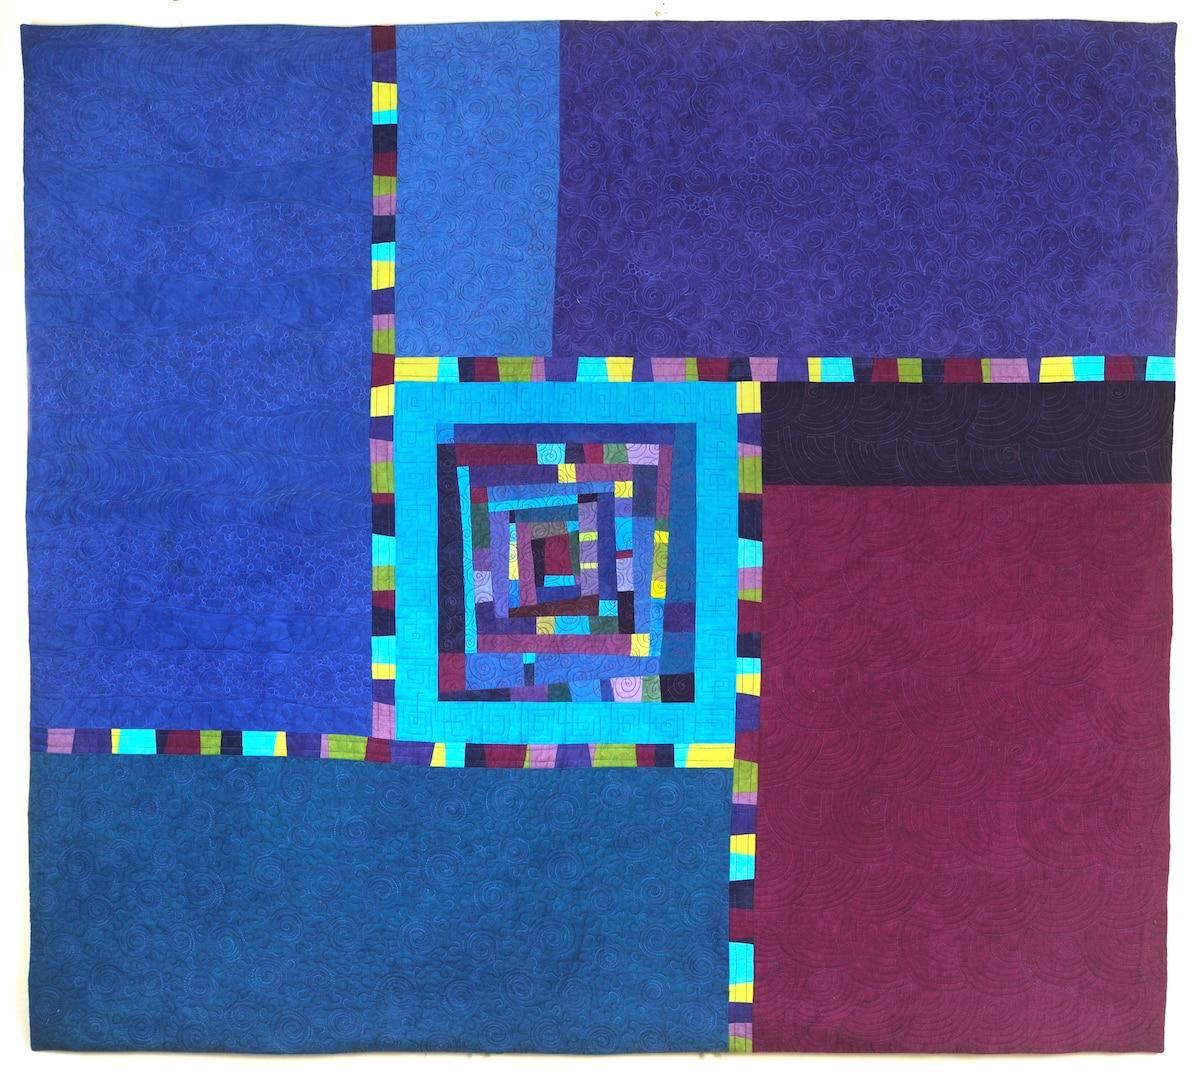 Northern Lights art quilt - Cindy Grisdela